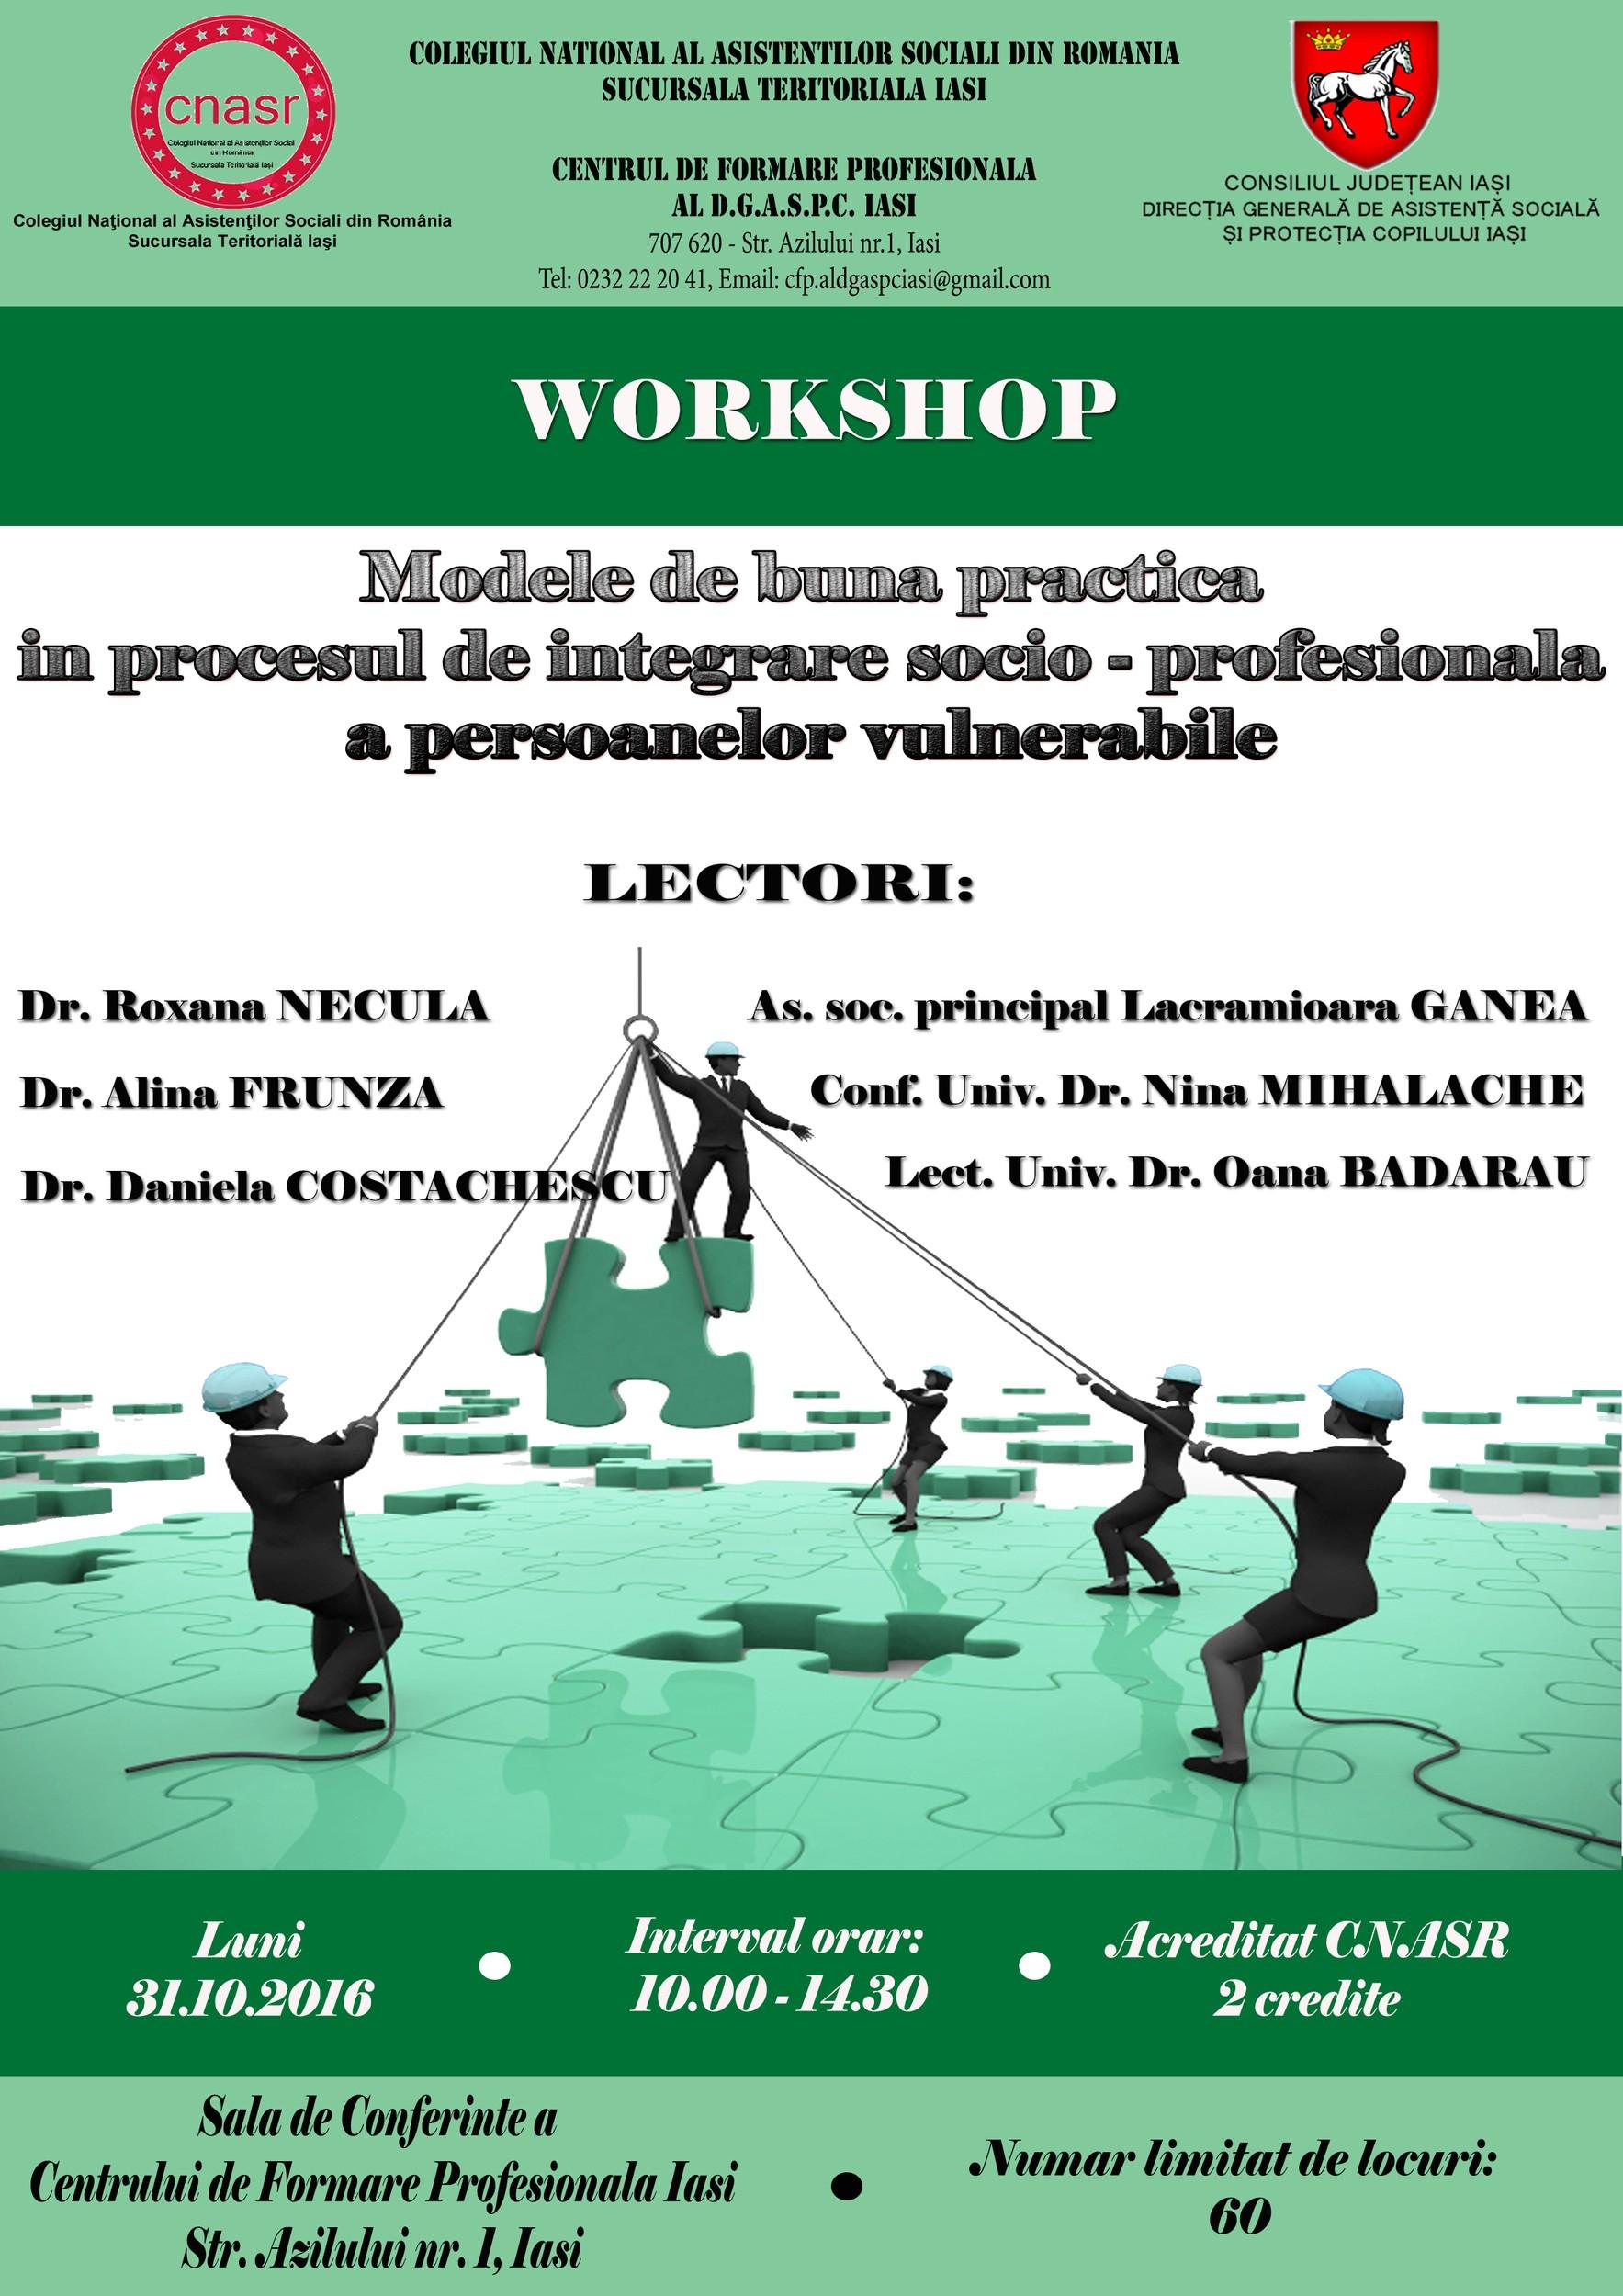 Modele de buna practica in procesul de integrare sociu - profesional a persoanelor vulnerabile